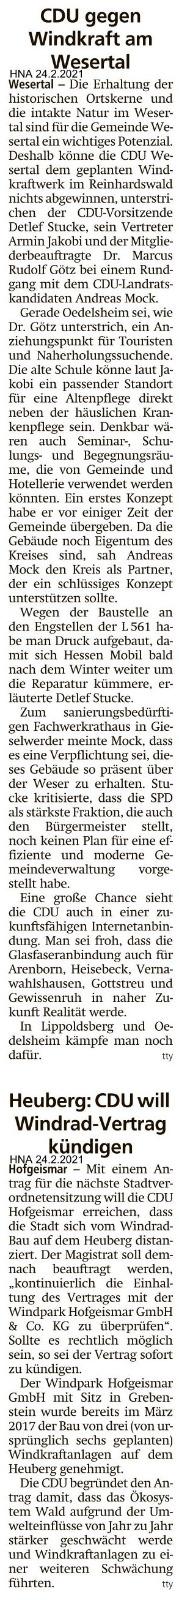 HNA-24-02-2021-CDU-gegen-Windkraft-am-Wesertal